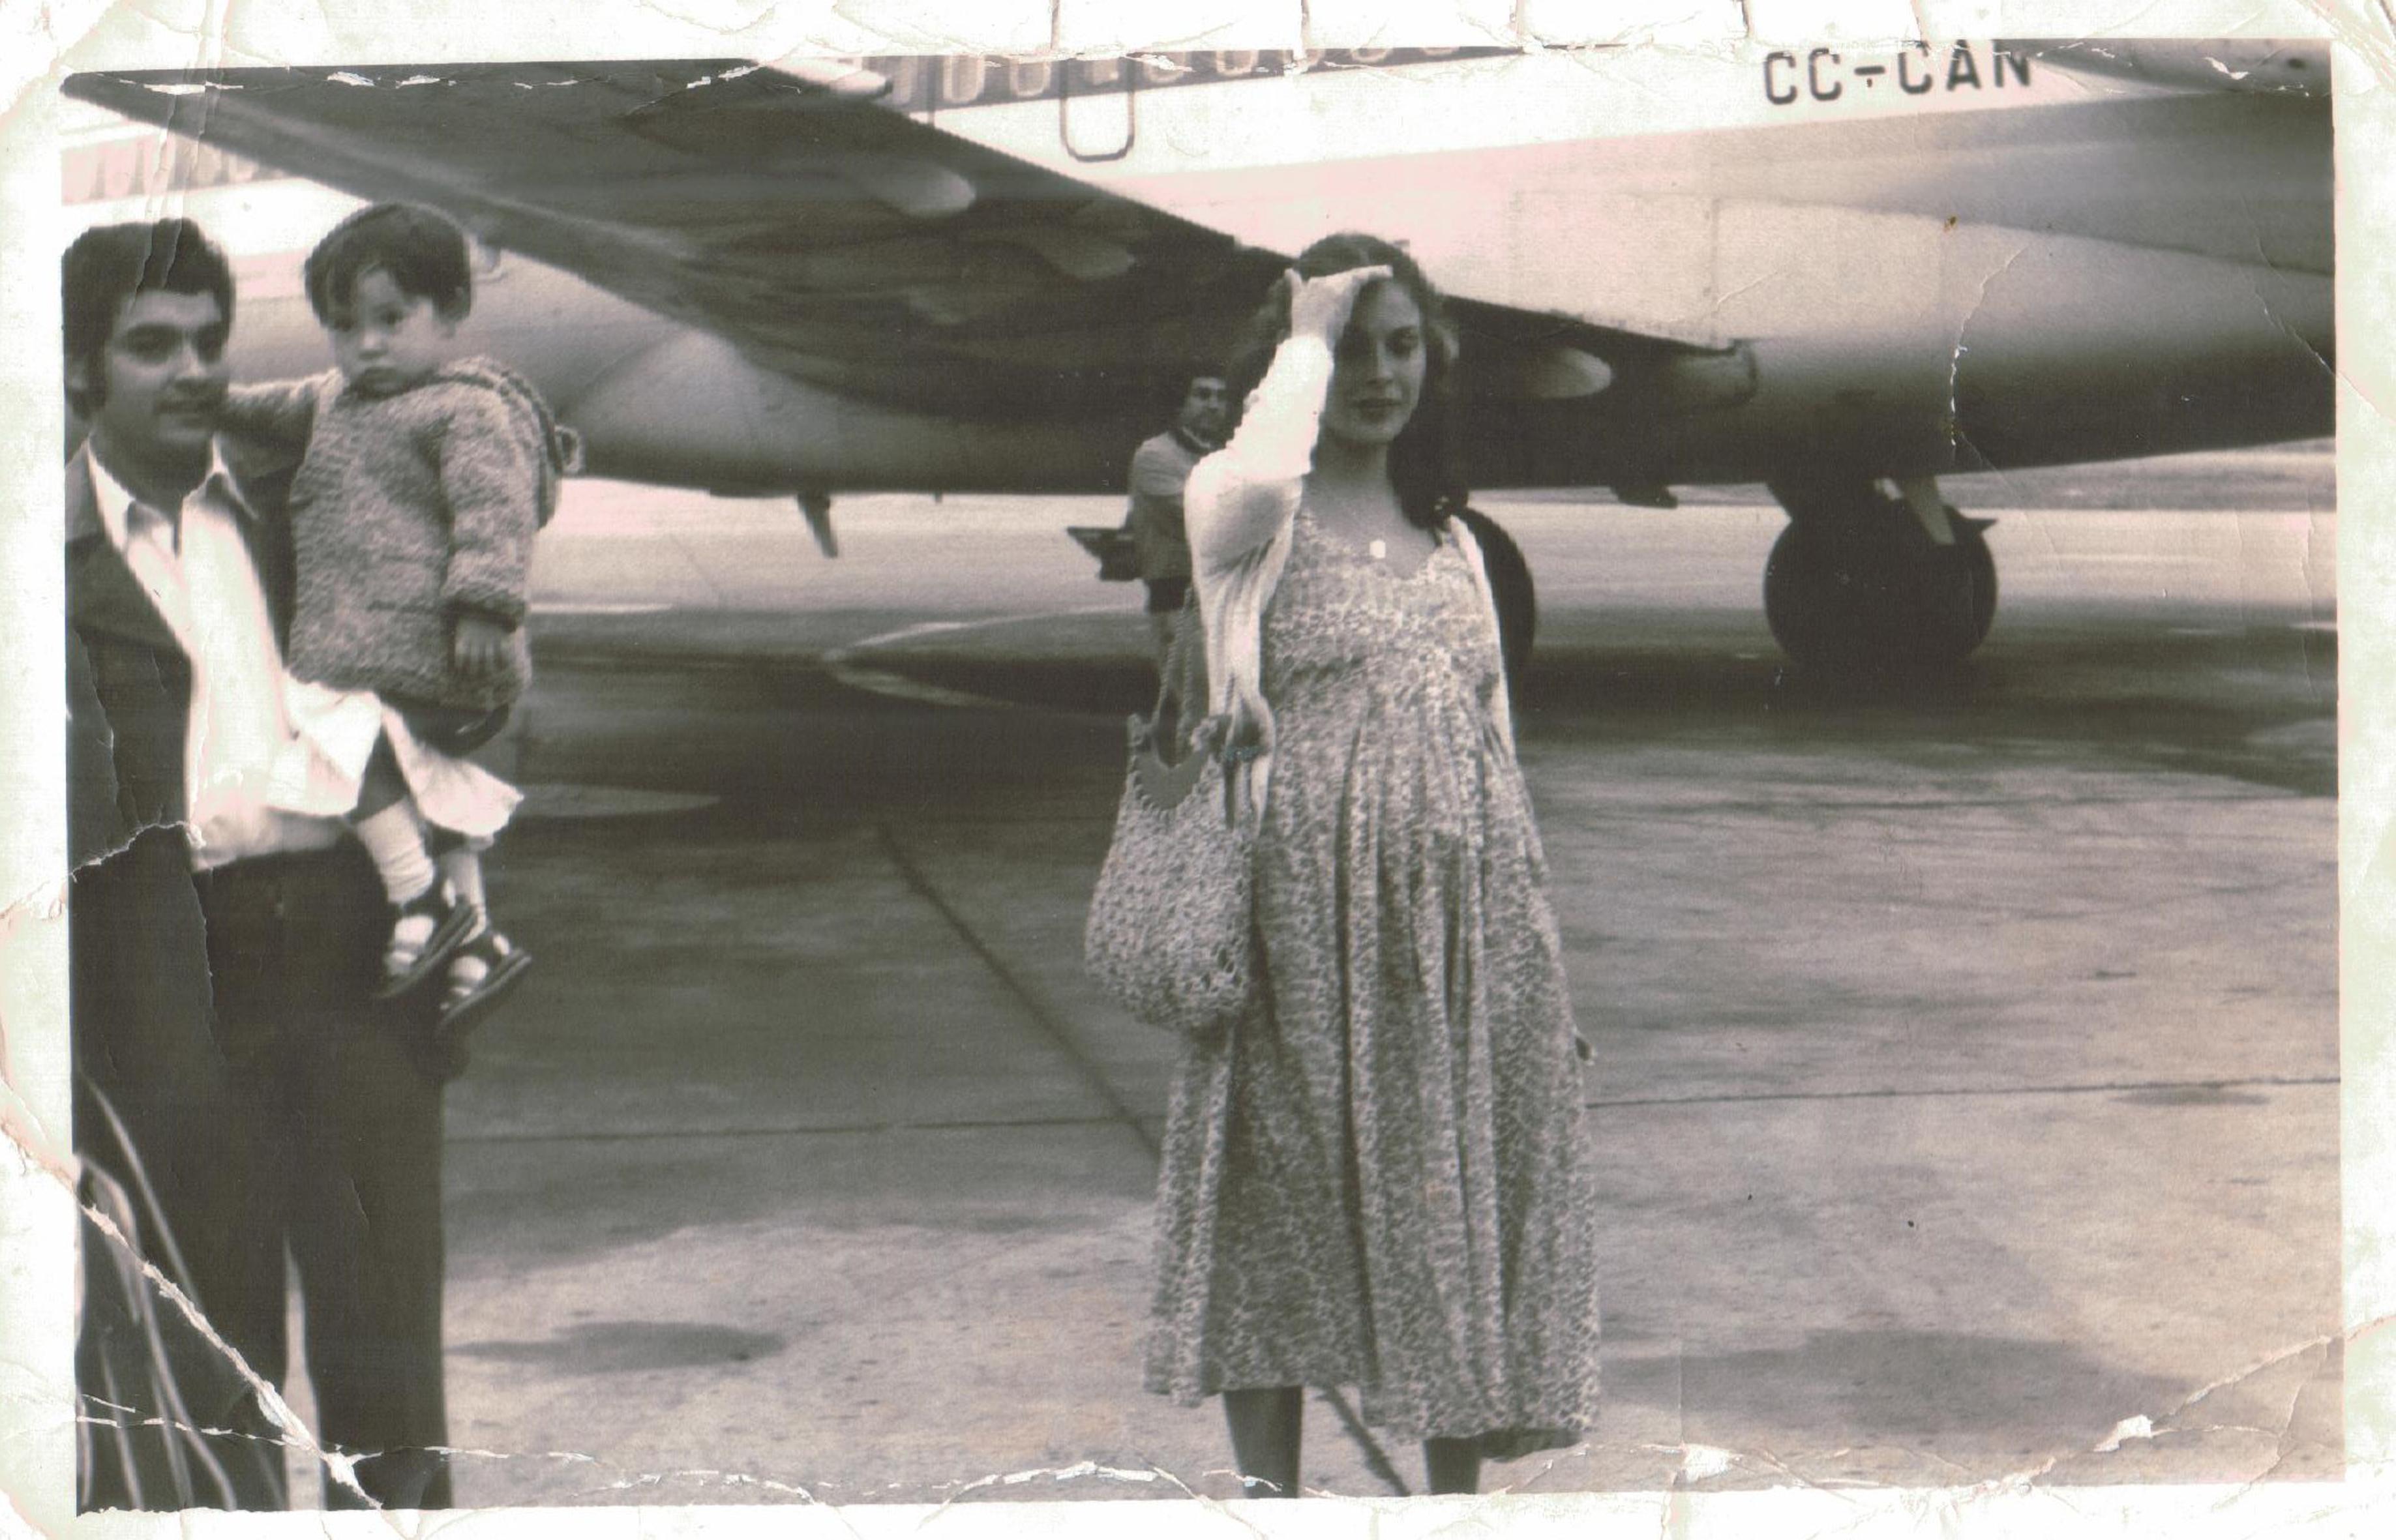 Enterreno - Fotos históricas de chile - fotos antiguas de Chile - Aeropuerto de Santiago en 1978